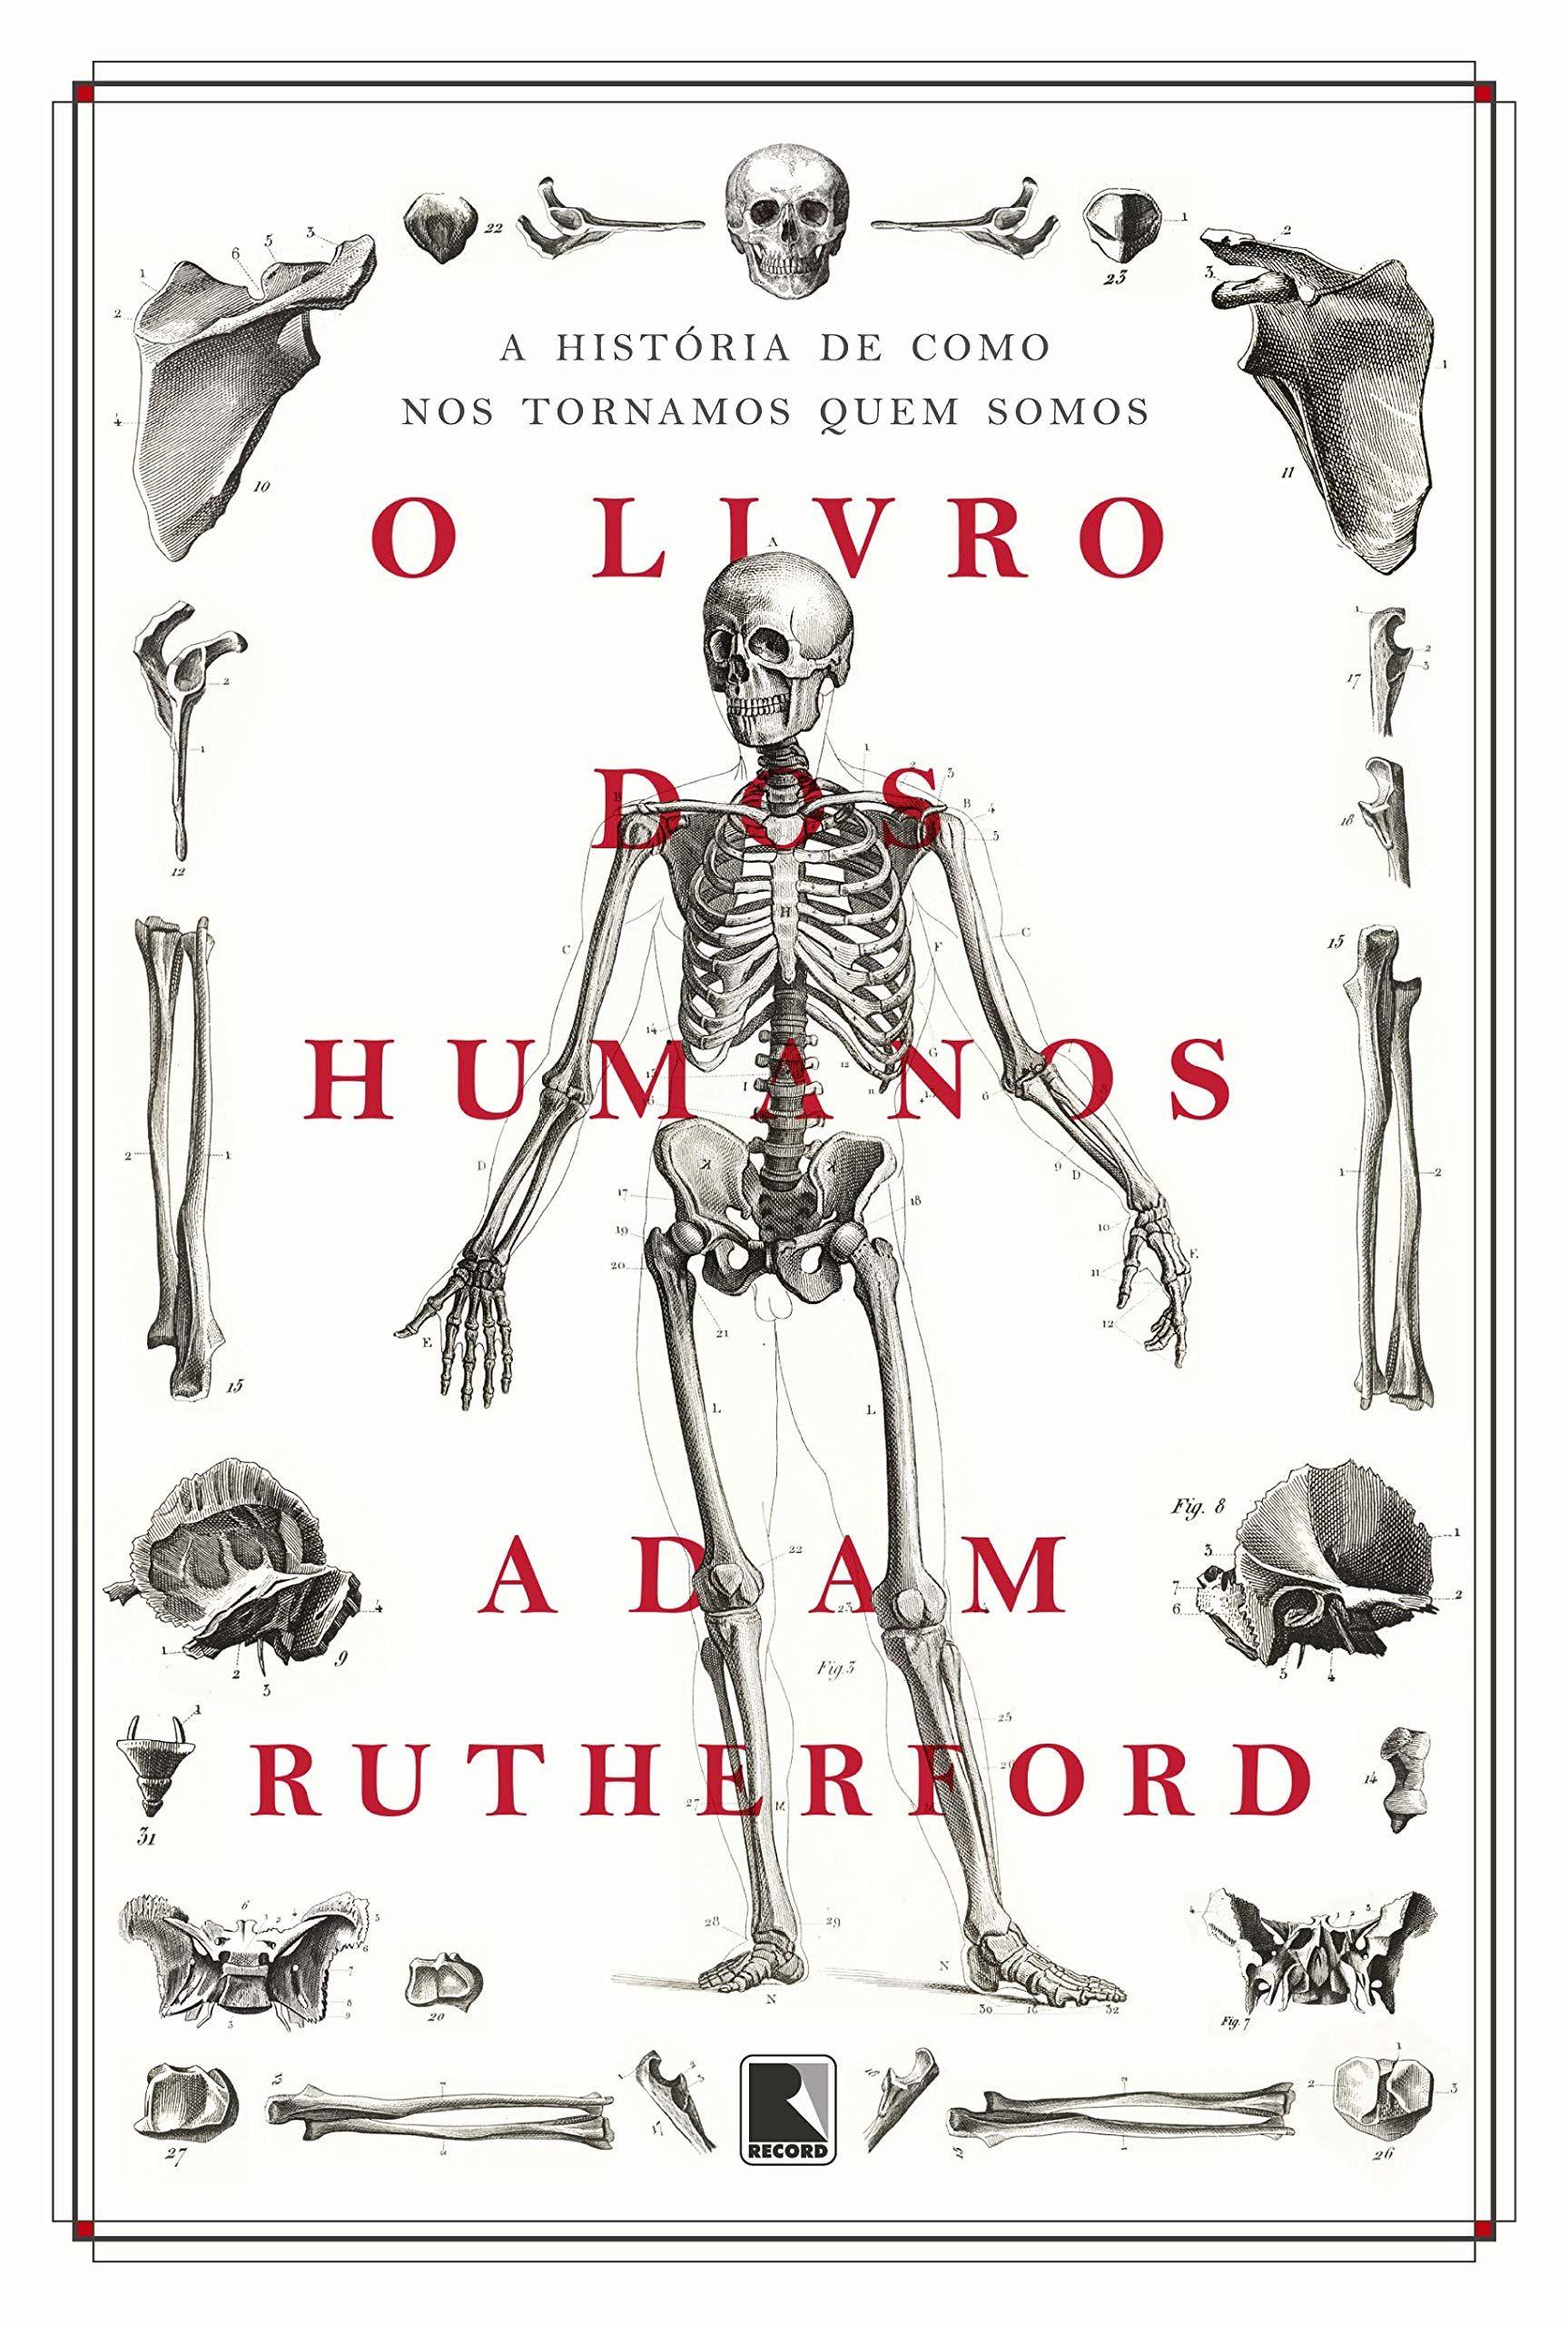 O que nos torna humanos? Tem algo que nos distingue dos outros animais ou compartilhamos características antes impensadas? É o que Adam Rutherford tenta responder!  #resenha #review #sciencebooks #bookcover #humans #art #book #livros #libros